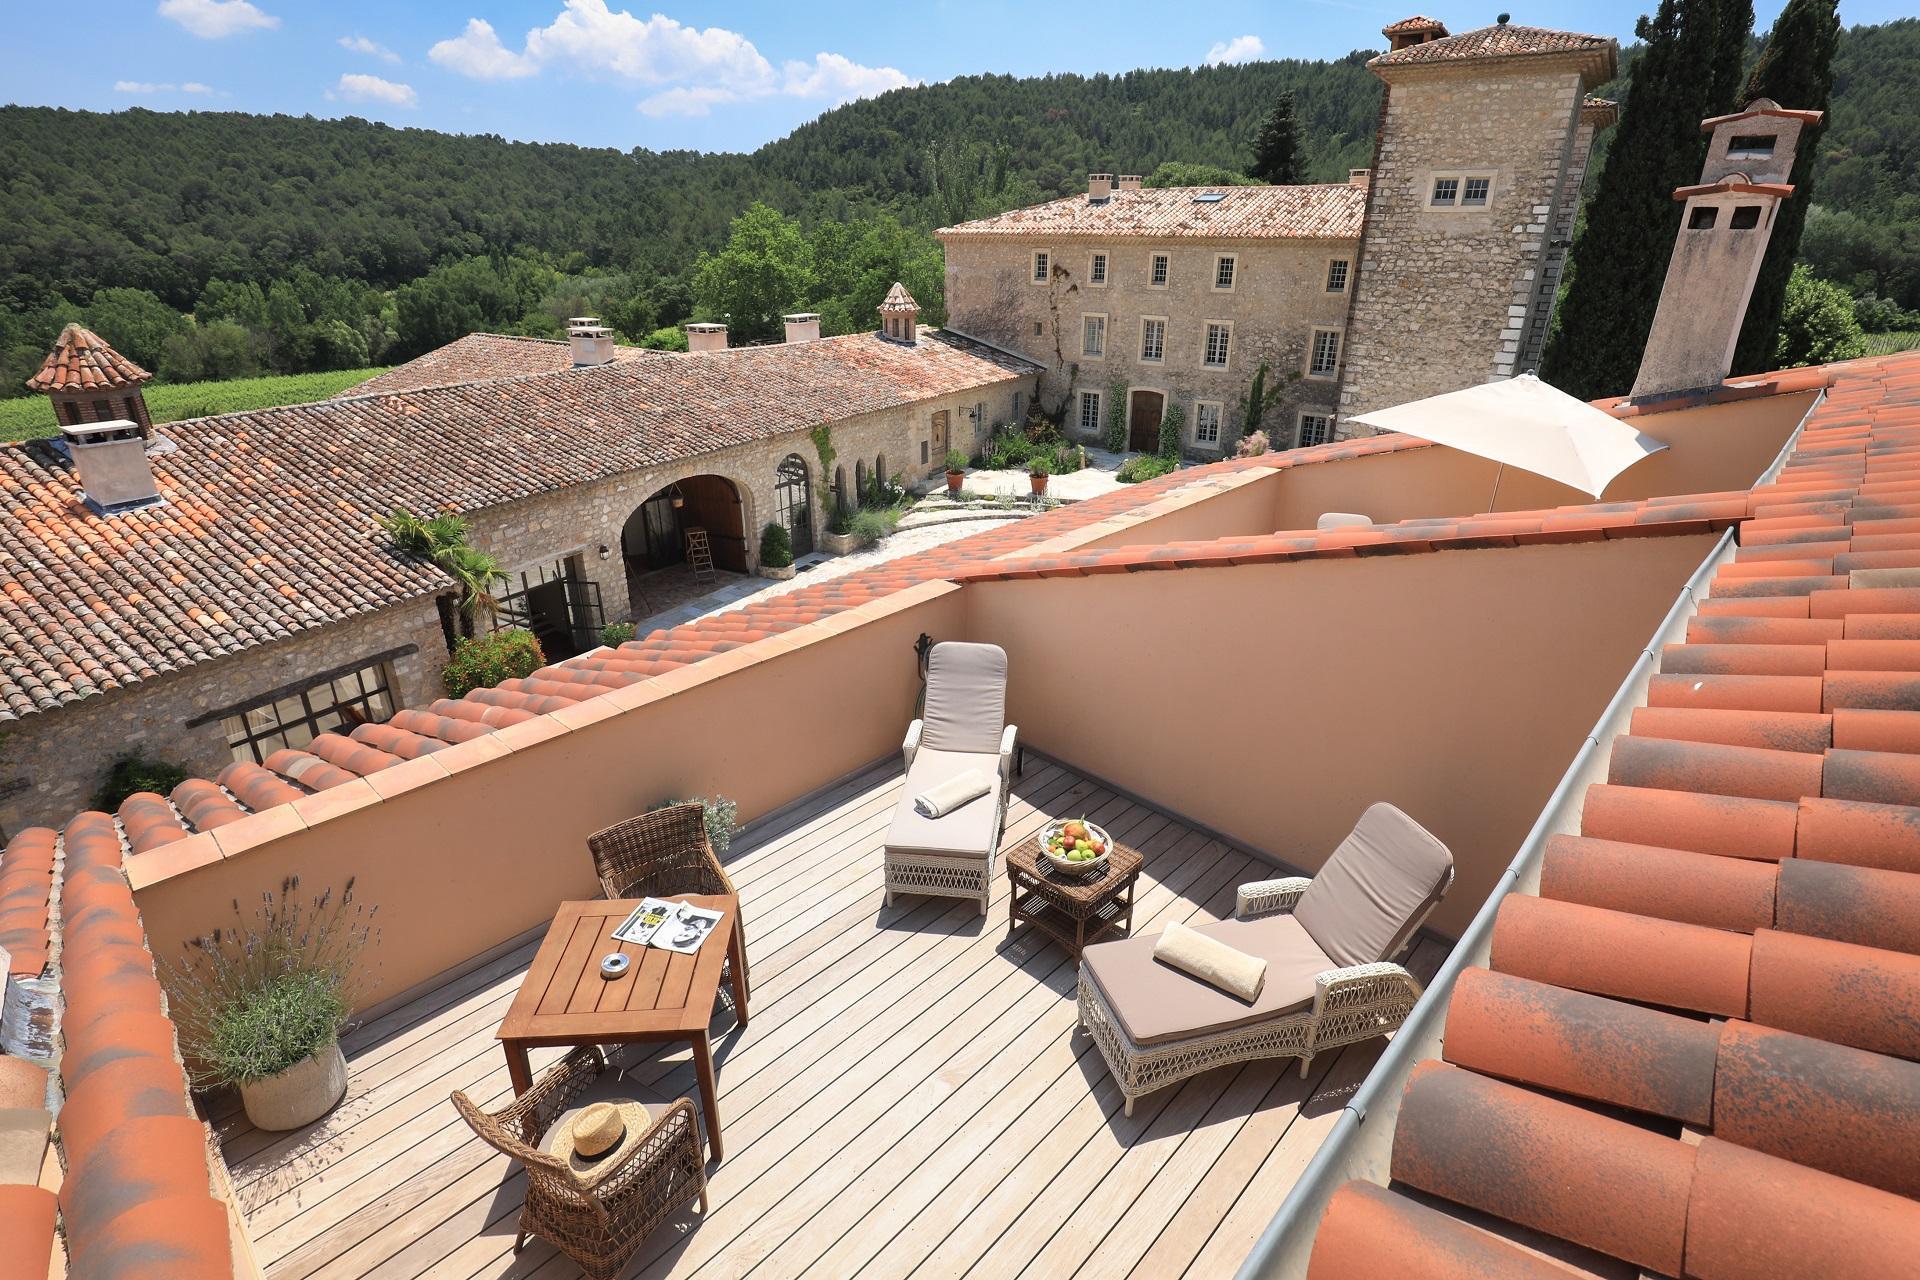 Chateau-de-berne-provence-vignoble-var-domaine-vue-junior-suite-seminaires-de-caractere